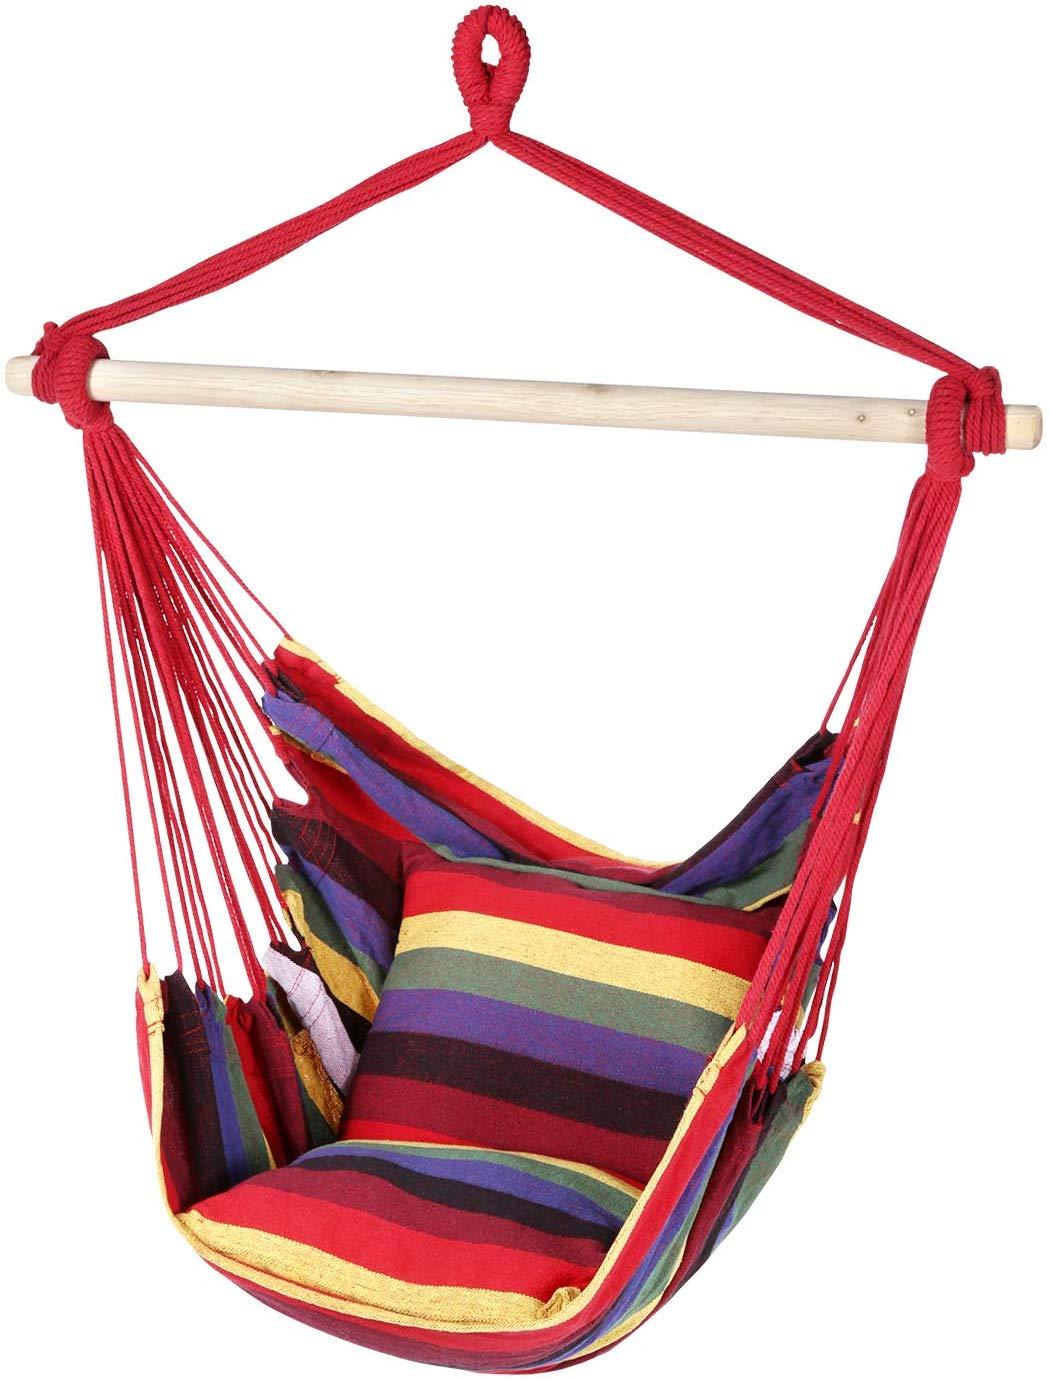 ENKEEO Hamac pivotant avec siège et barre en bois pour intérieur, extérieur